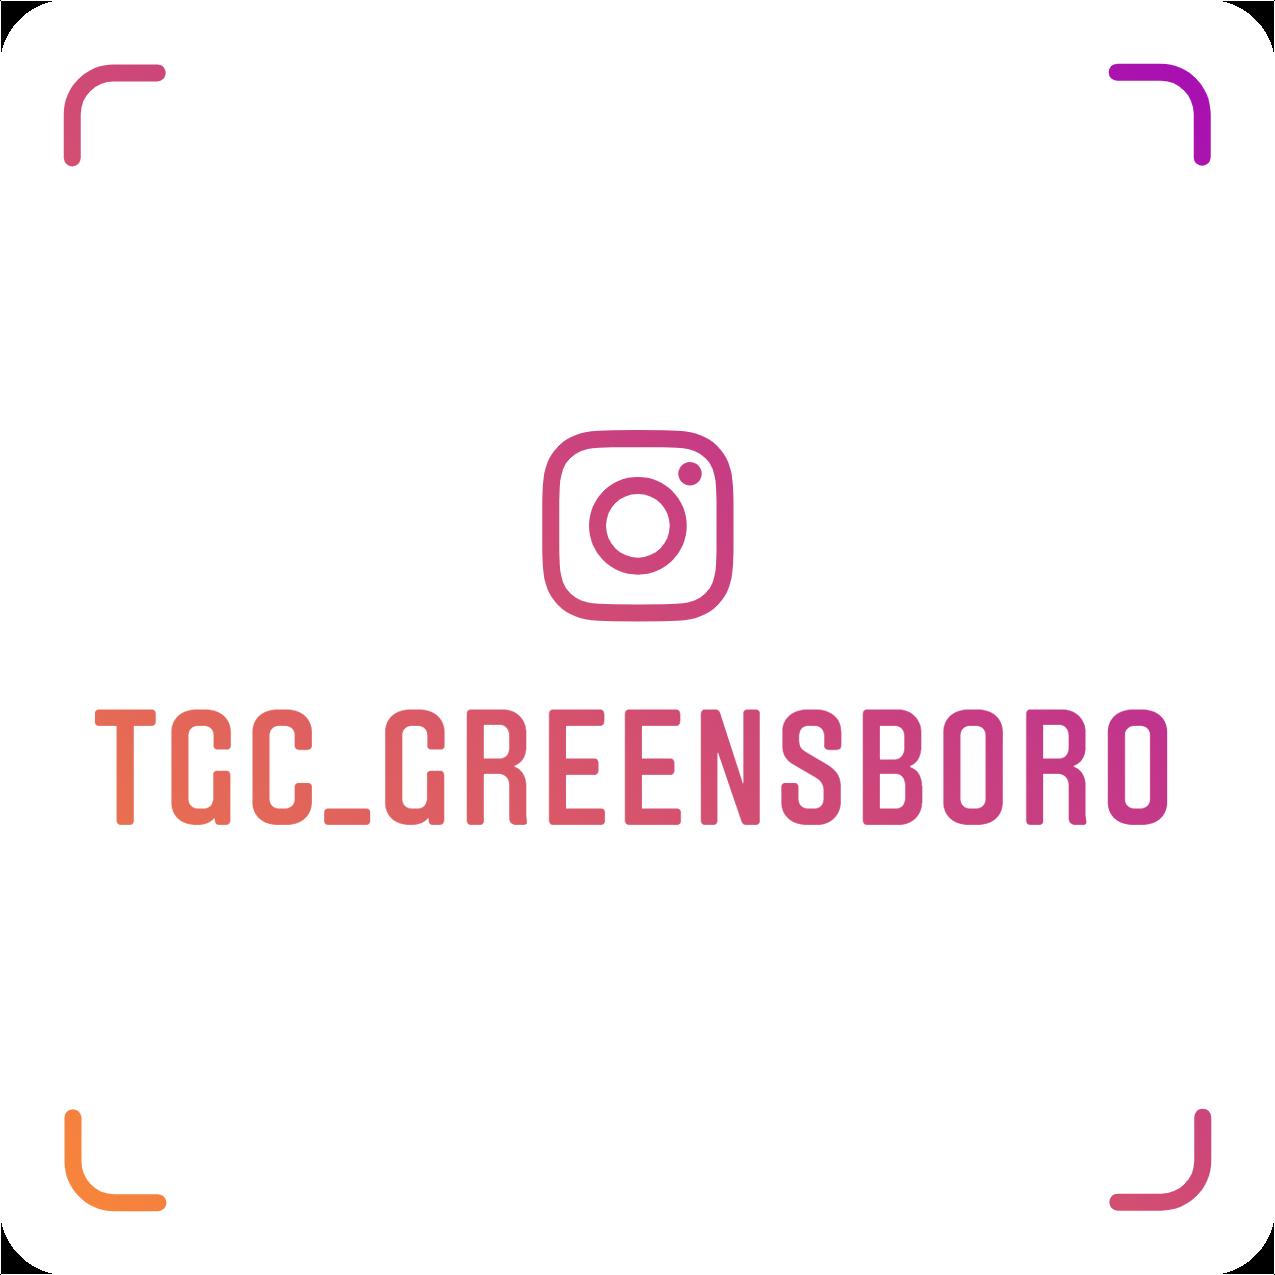 tgc_greensboro_nametag (1).png